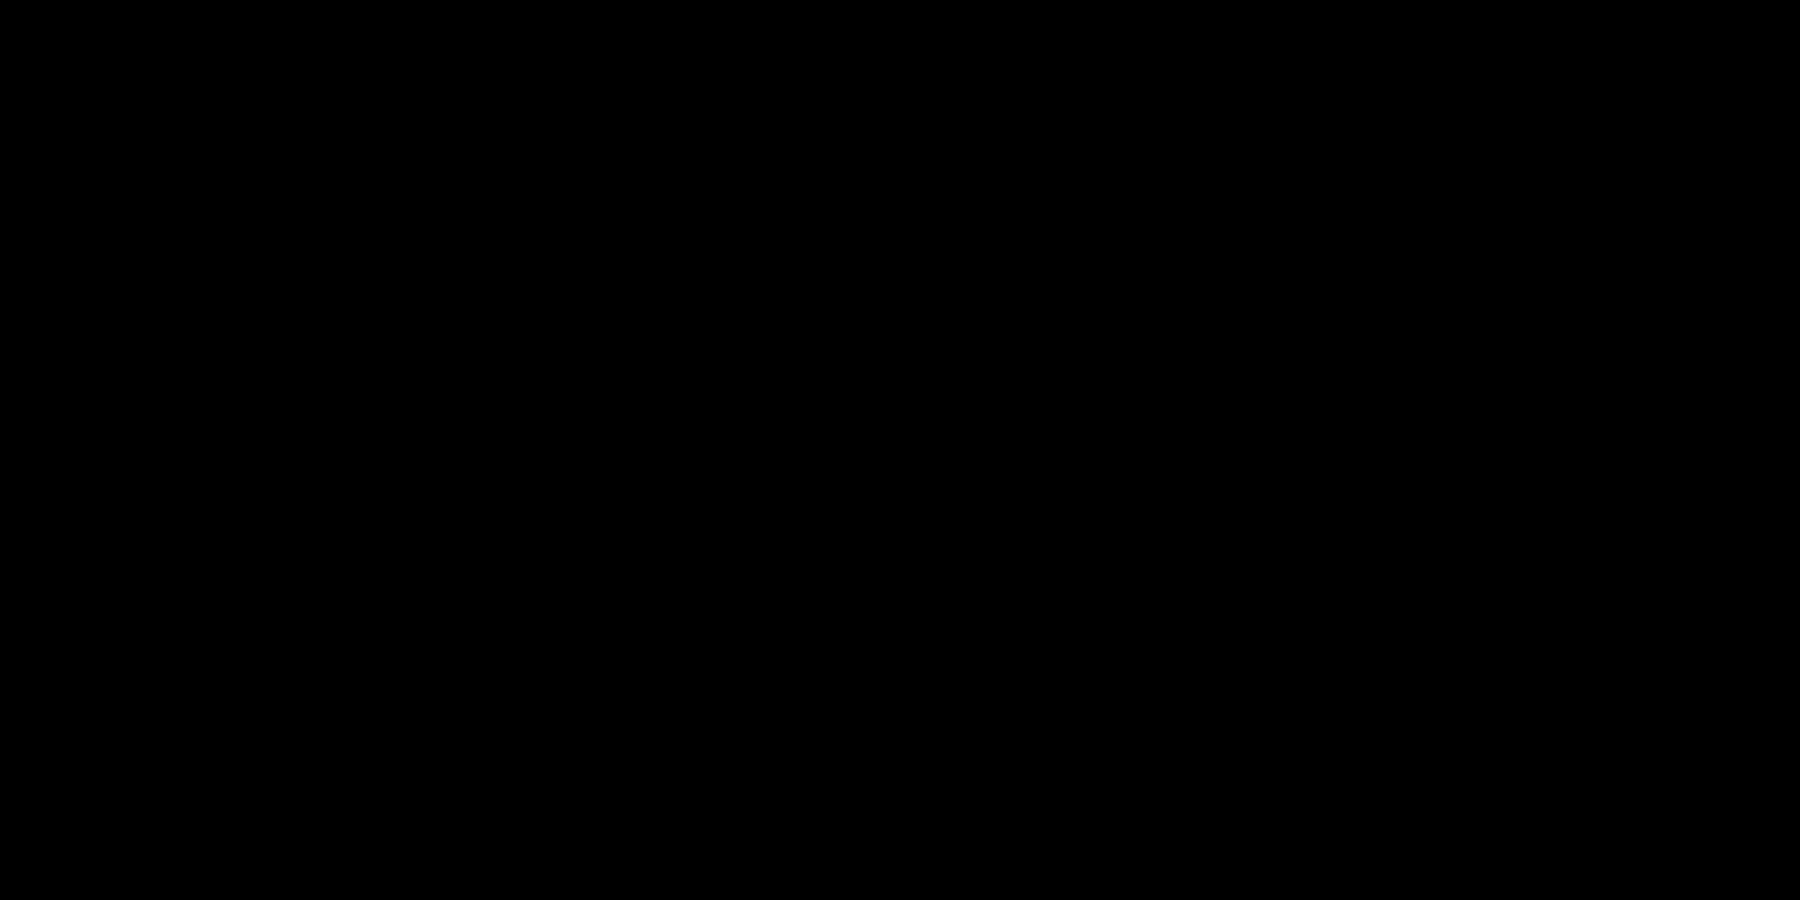 タップ音 (スマホ) タッの再生済みの波形